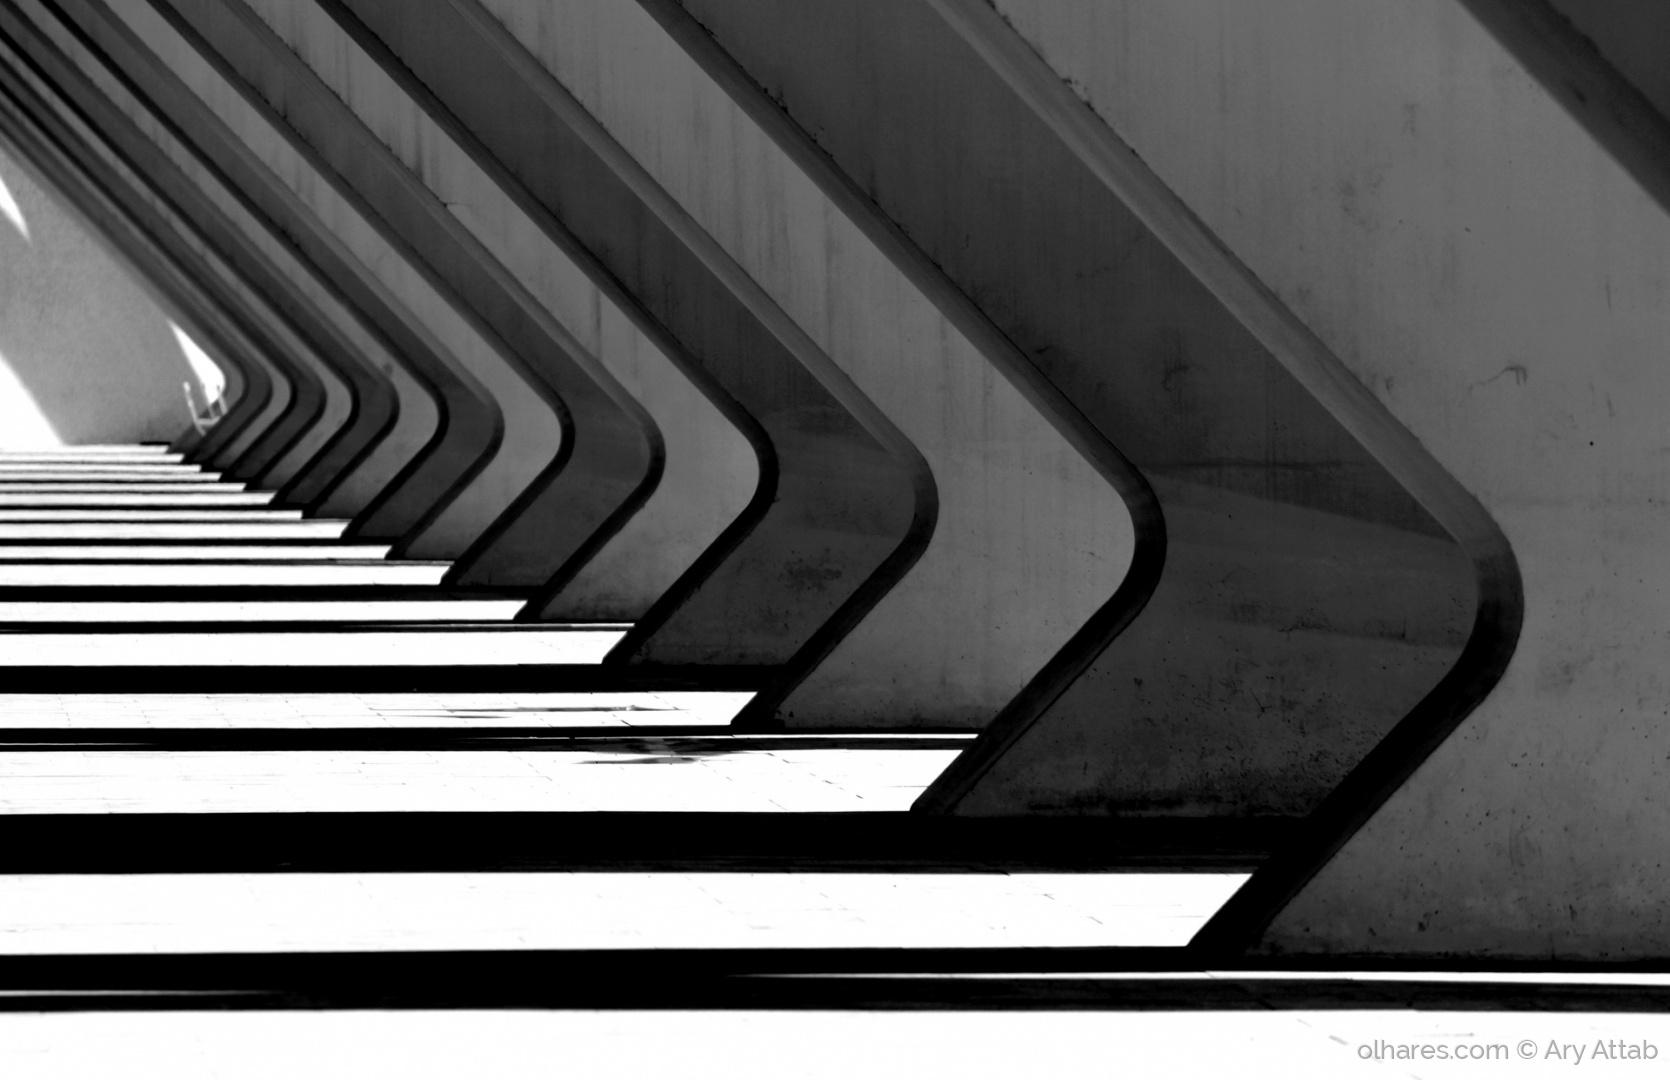 Arquitetura/Concreto, Aço, Pilares. Magia de Calatrava.